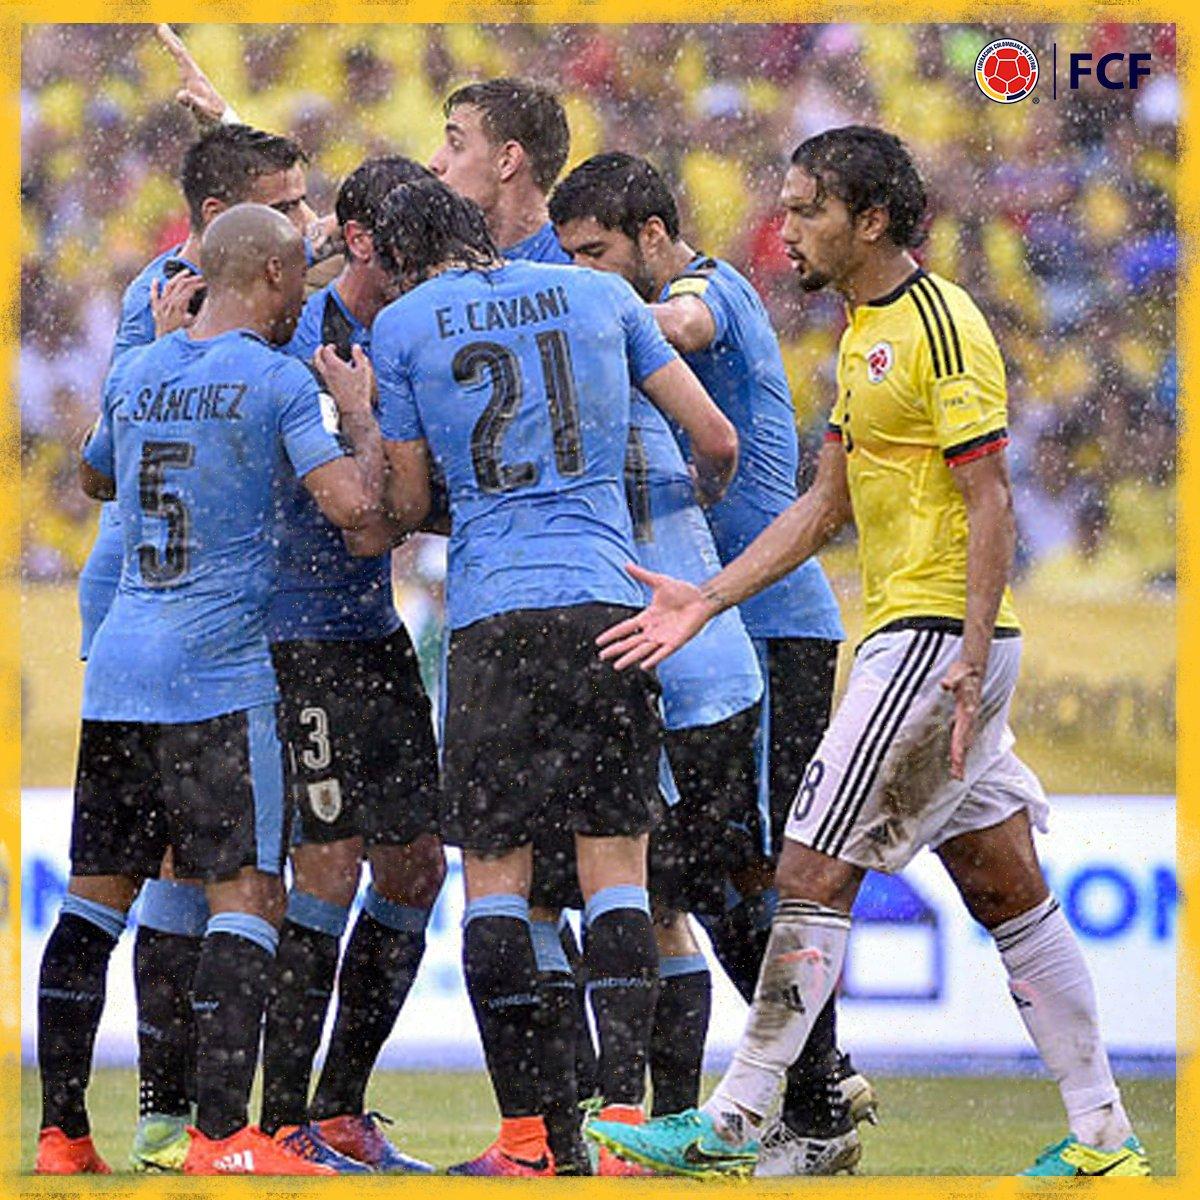 Gol de Uruguay  Cristian Rodríguez marcó de cabeza el descuento para el equipo celeste  🇨🇴1⃣-1⃣🇺🇾  #EnModoEliminatorias #ViveElGolCaracol https://t.co/Beok4l3BOB